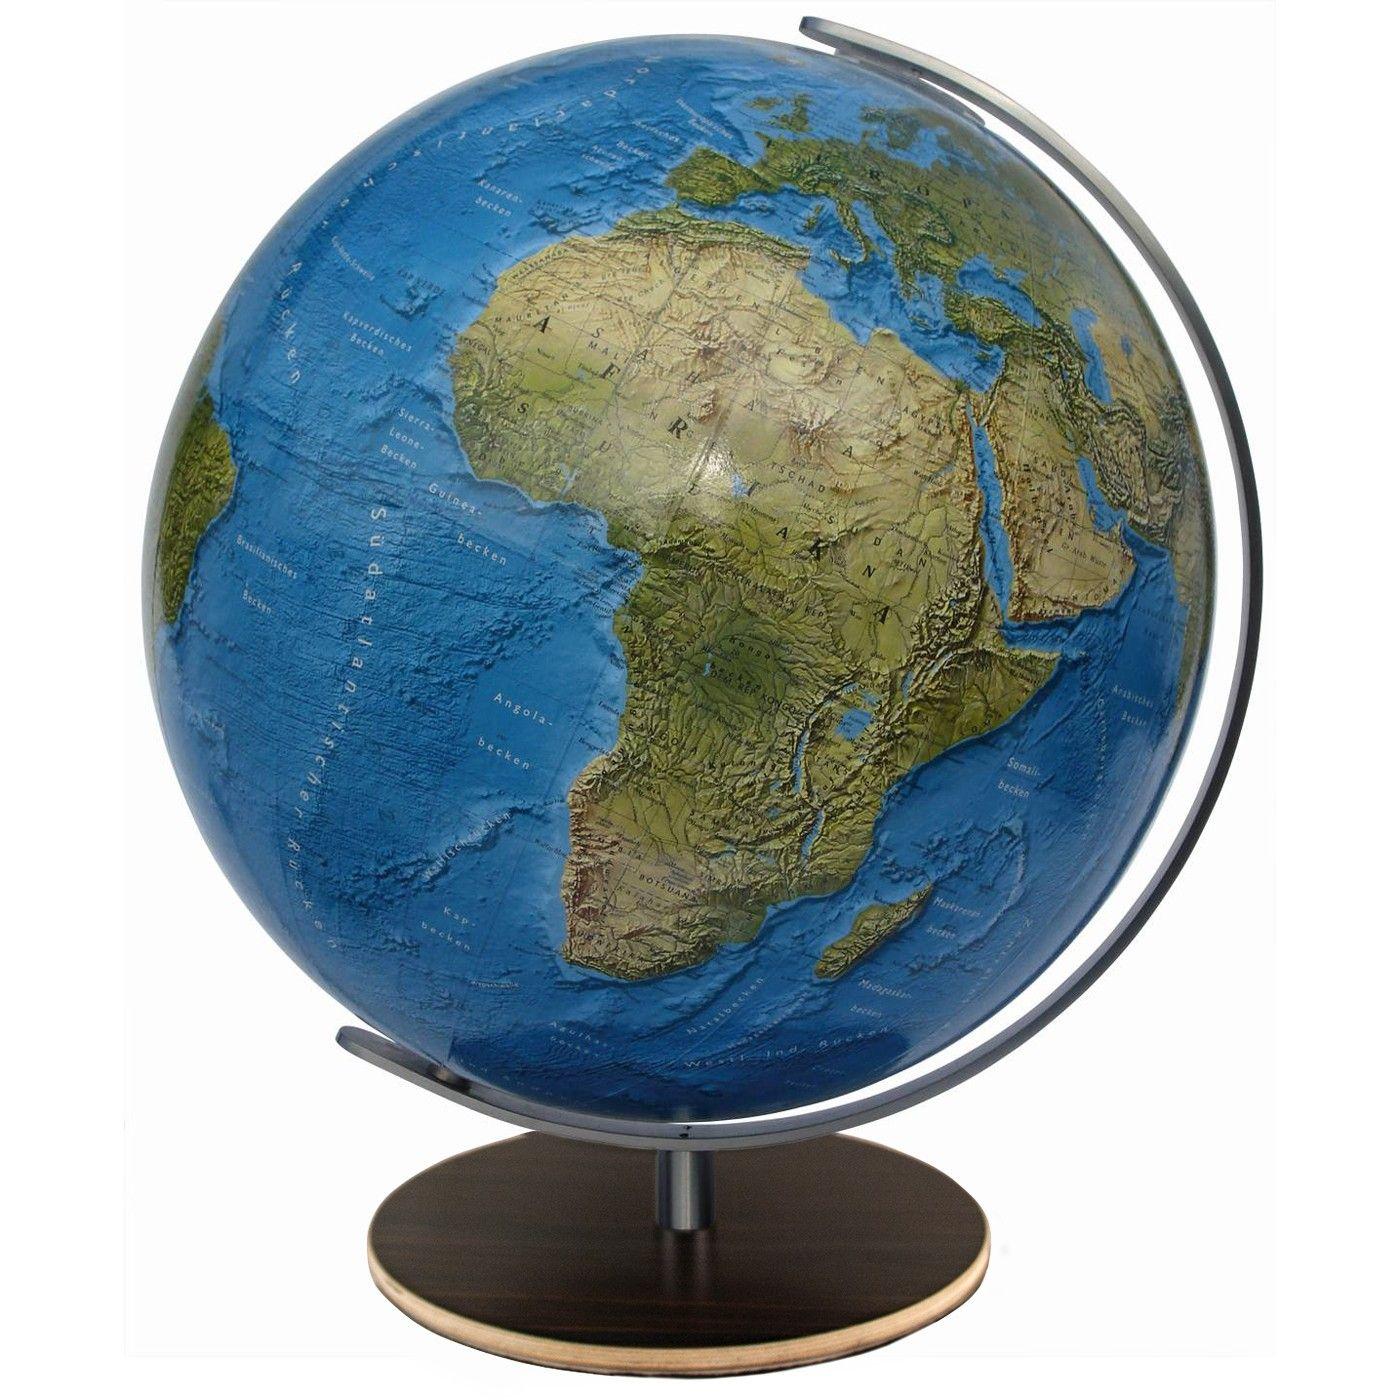 Columbus freiburg illuminated desktop globe 13 inch illuminated globe gumiabroncs Choice Image